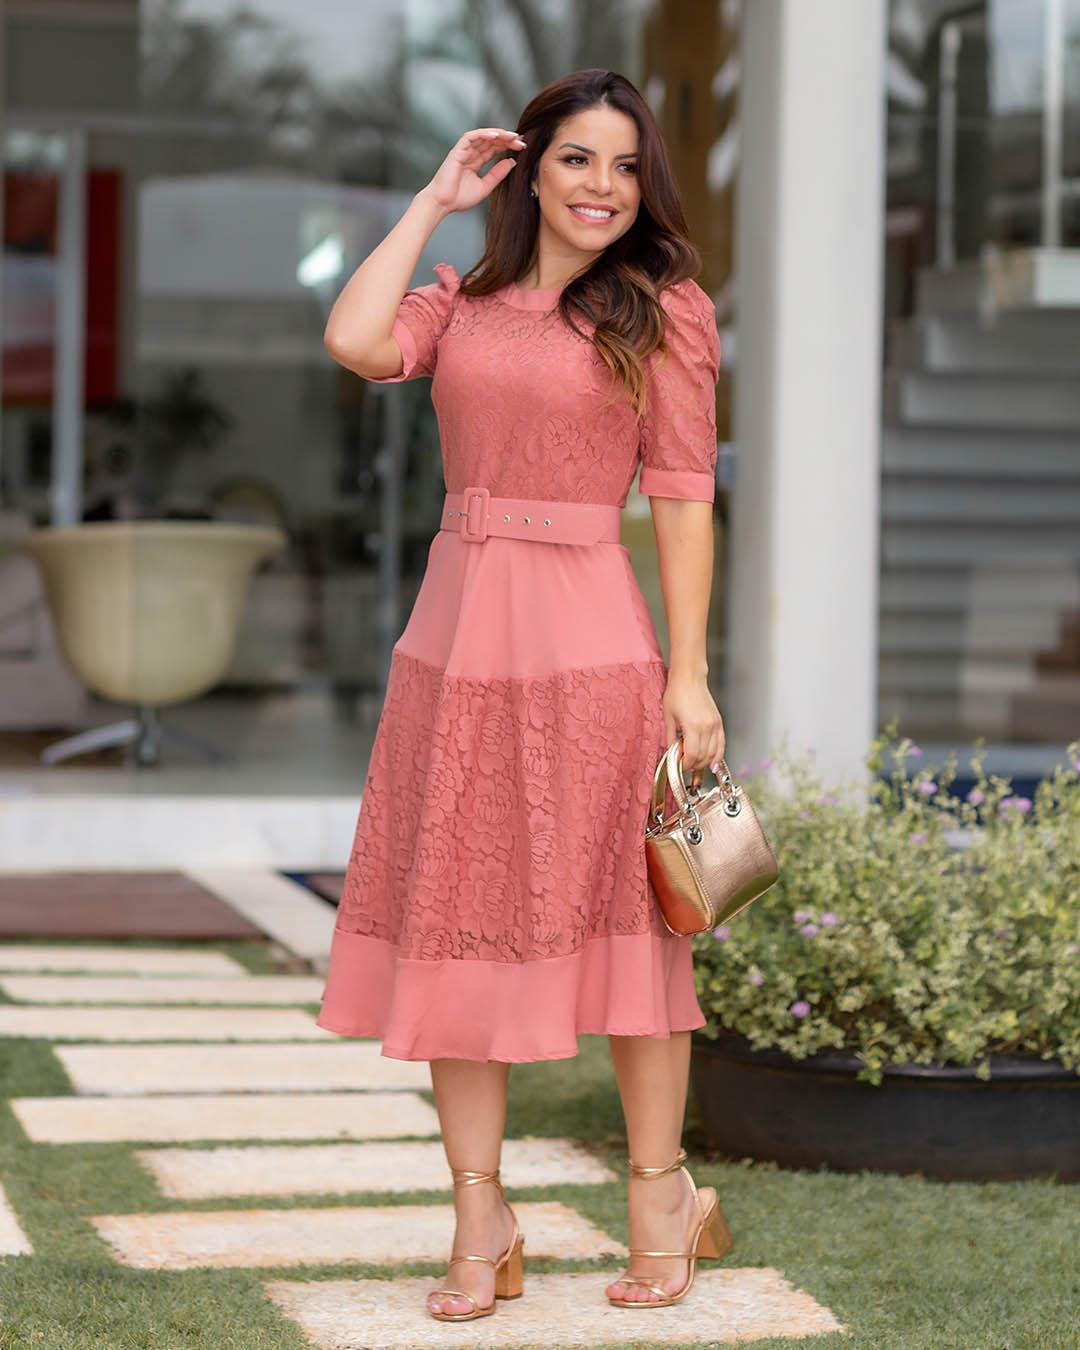 Vestido Midi Lady Like com Renda Rosê Az Irmãs Paola Santana